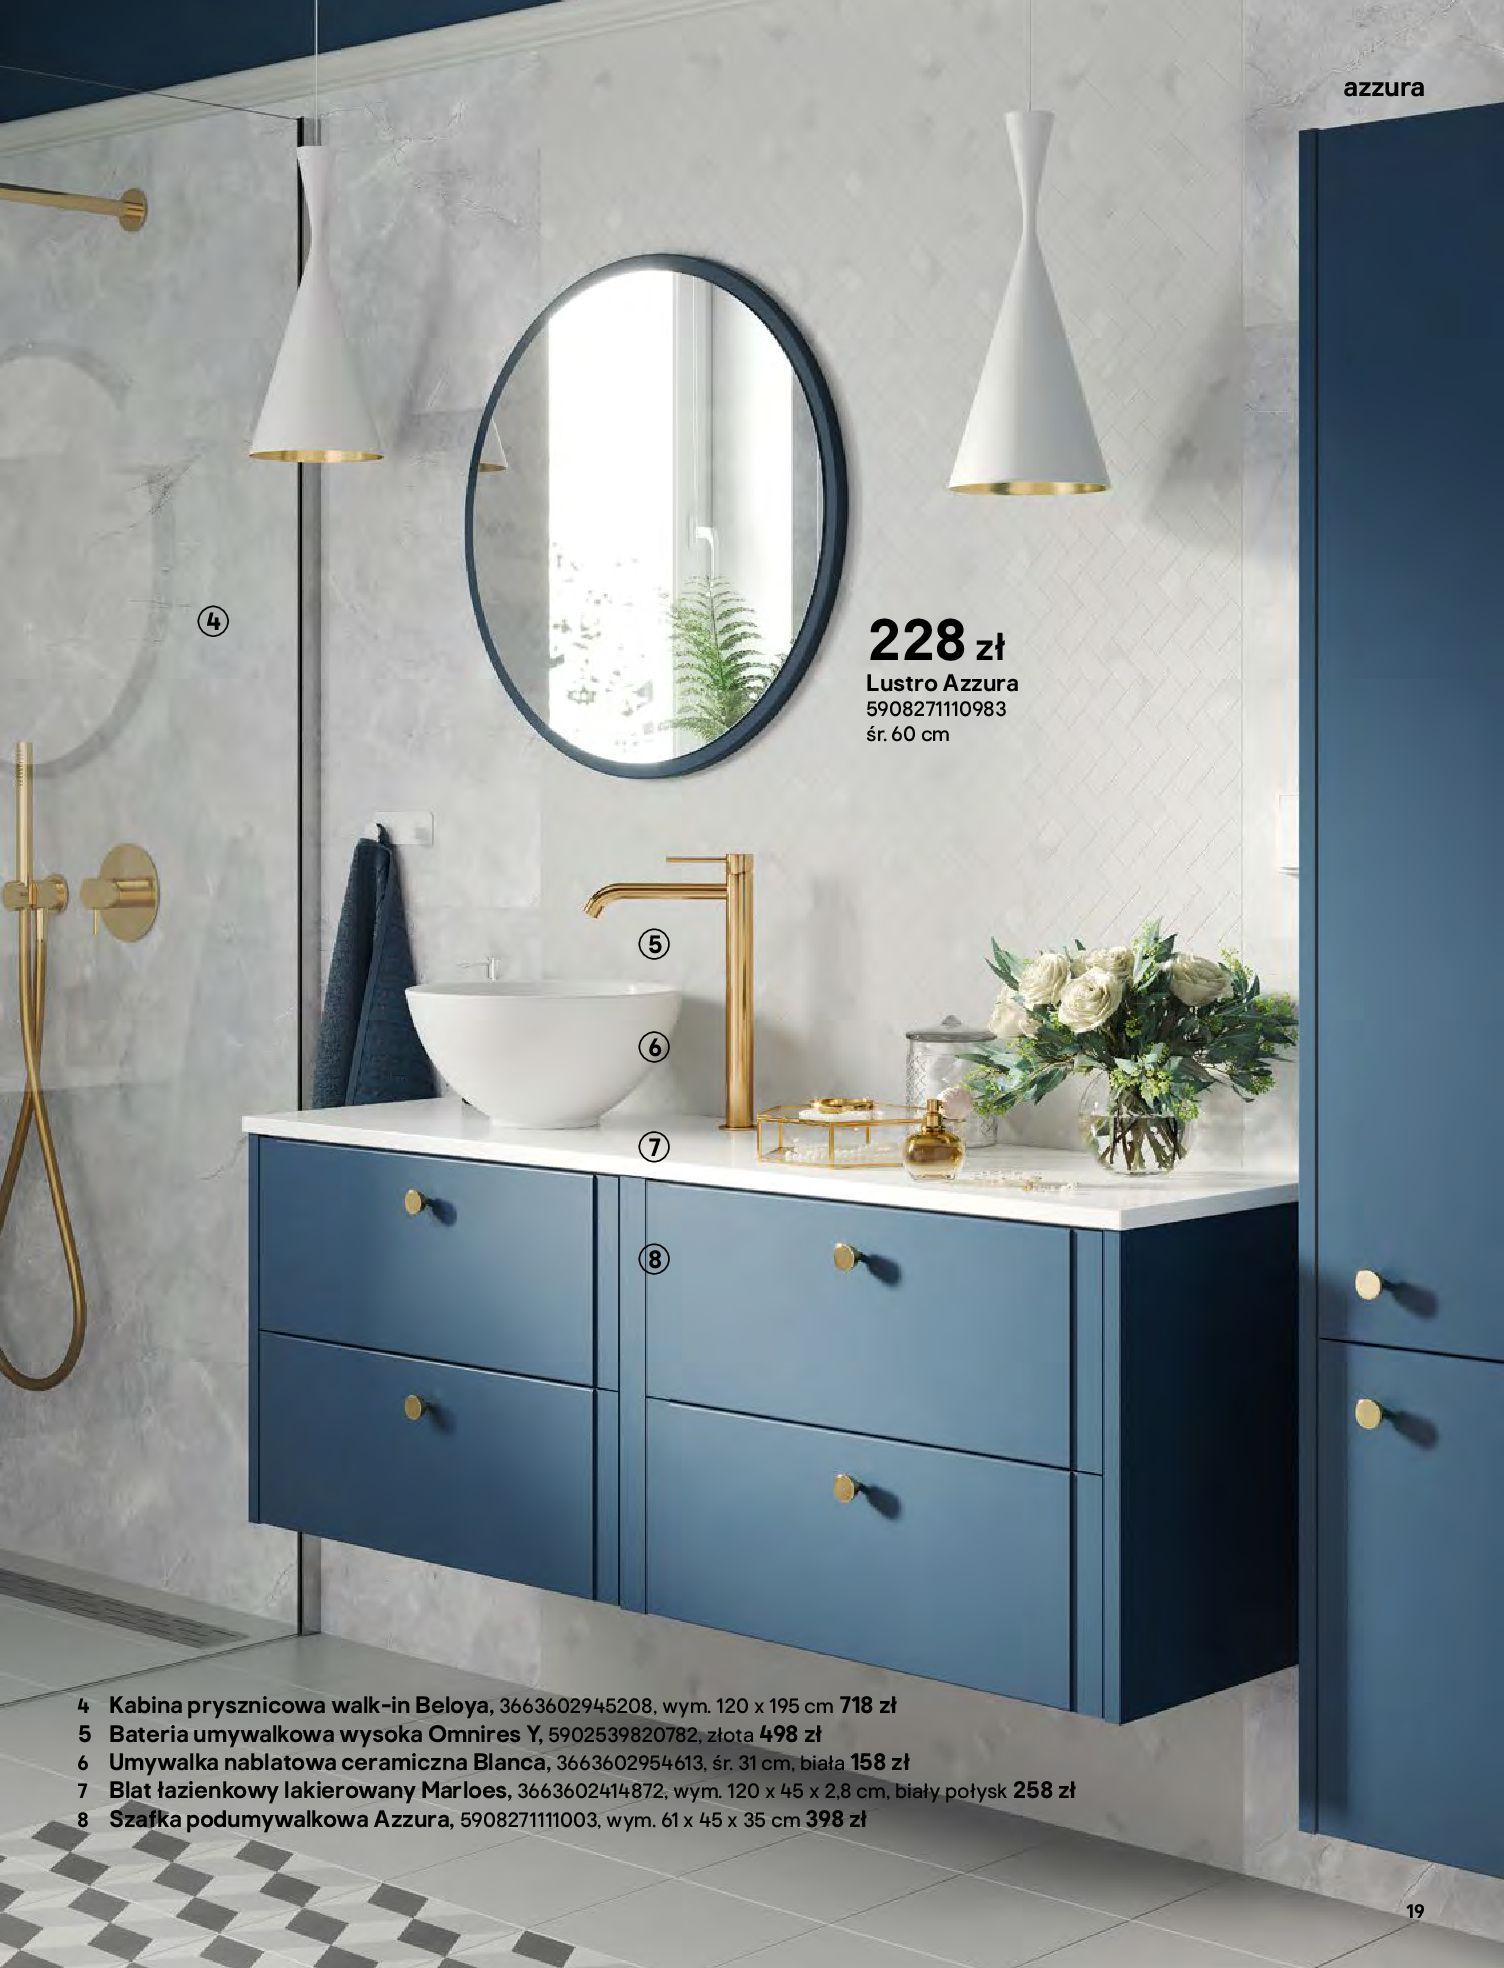 Gazetka Castorama: Gazetka Castorama - katalog łazienki 2021 2021-06-16 page-19